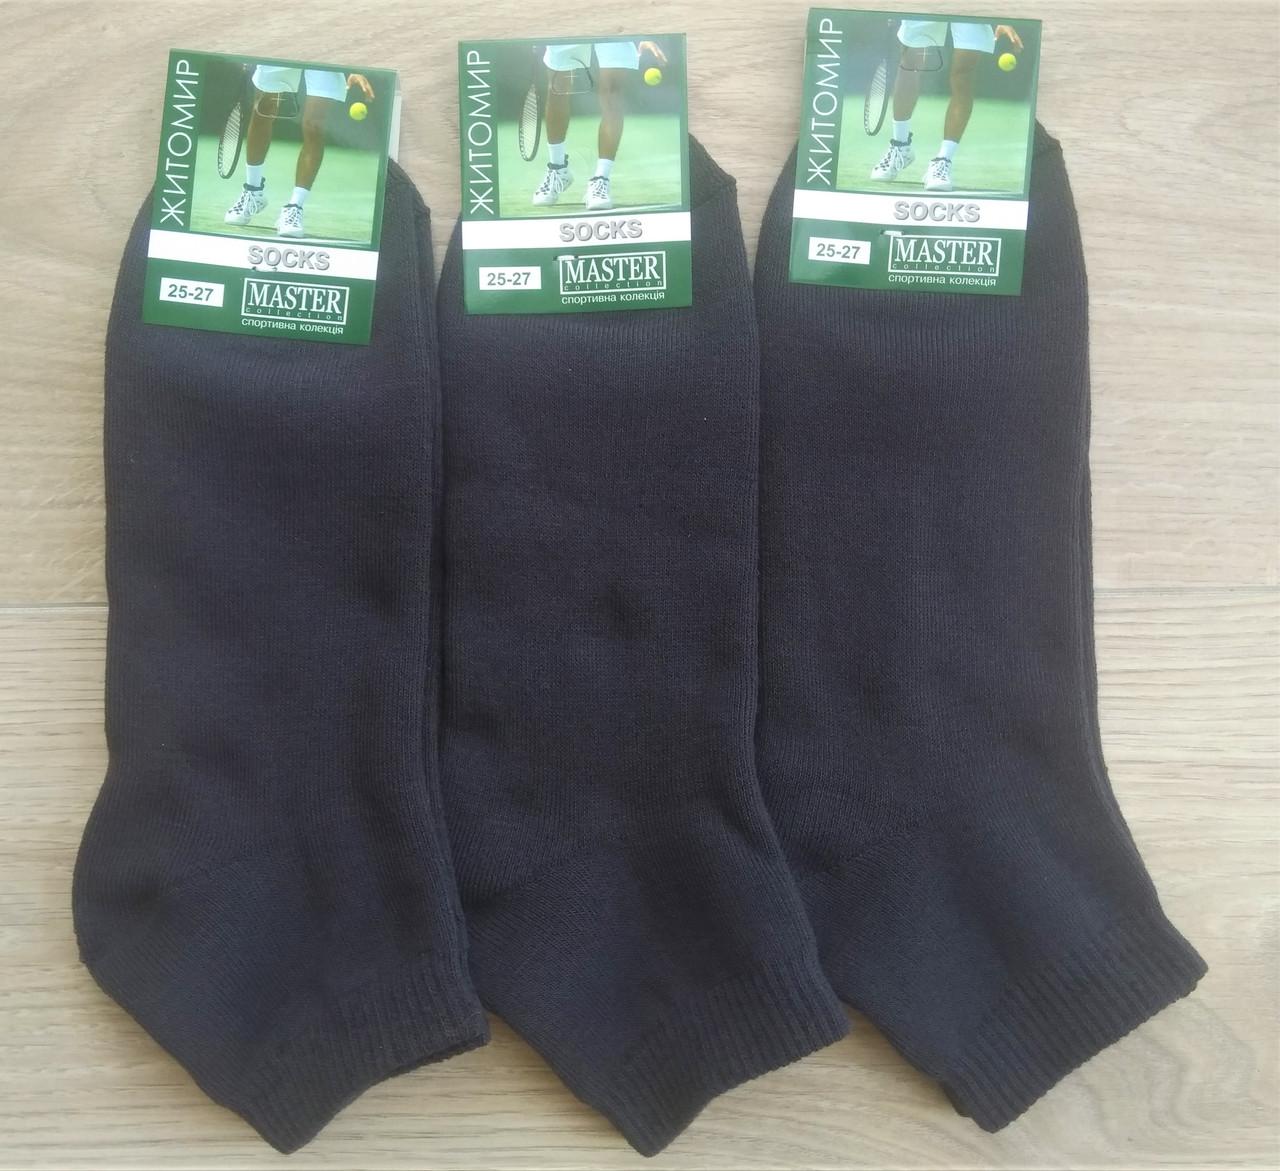 Чоловічі шкарпетки Master бавовна утеплені 25-27 темно-сині